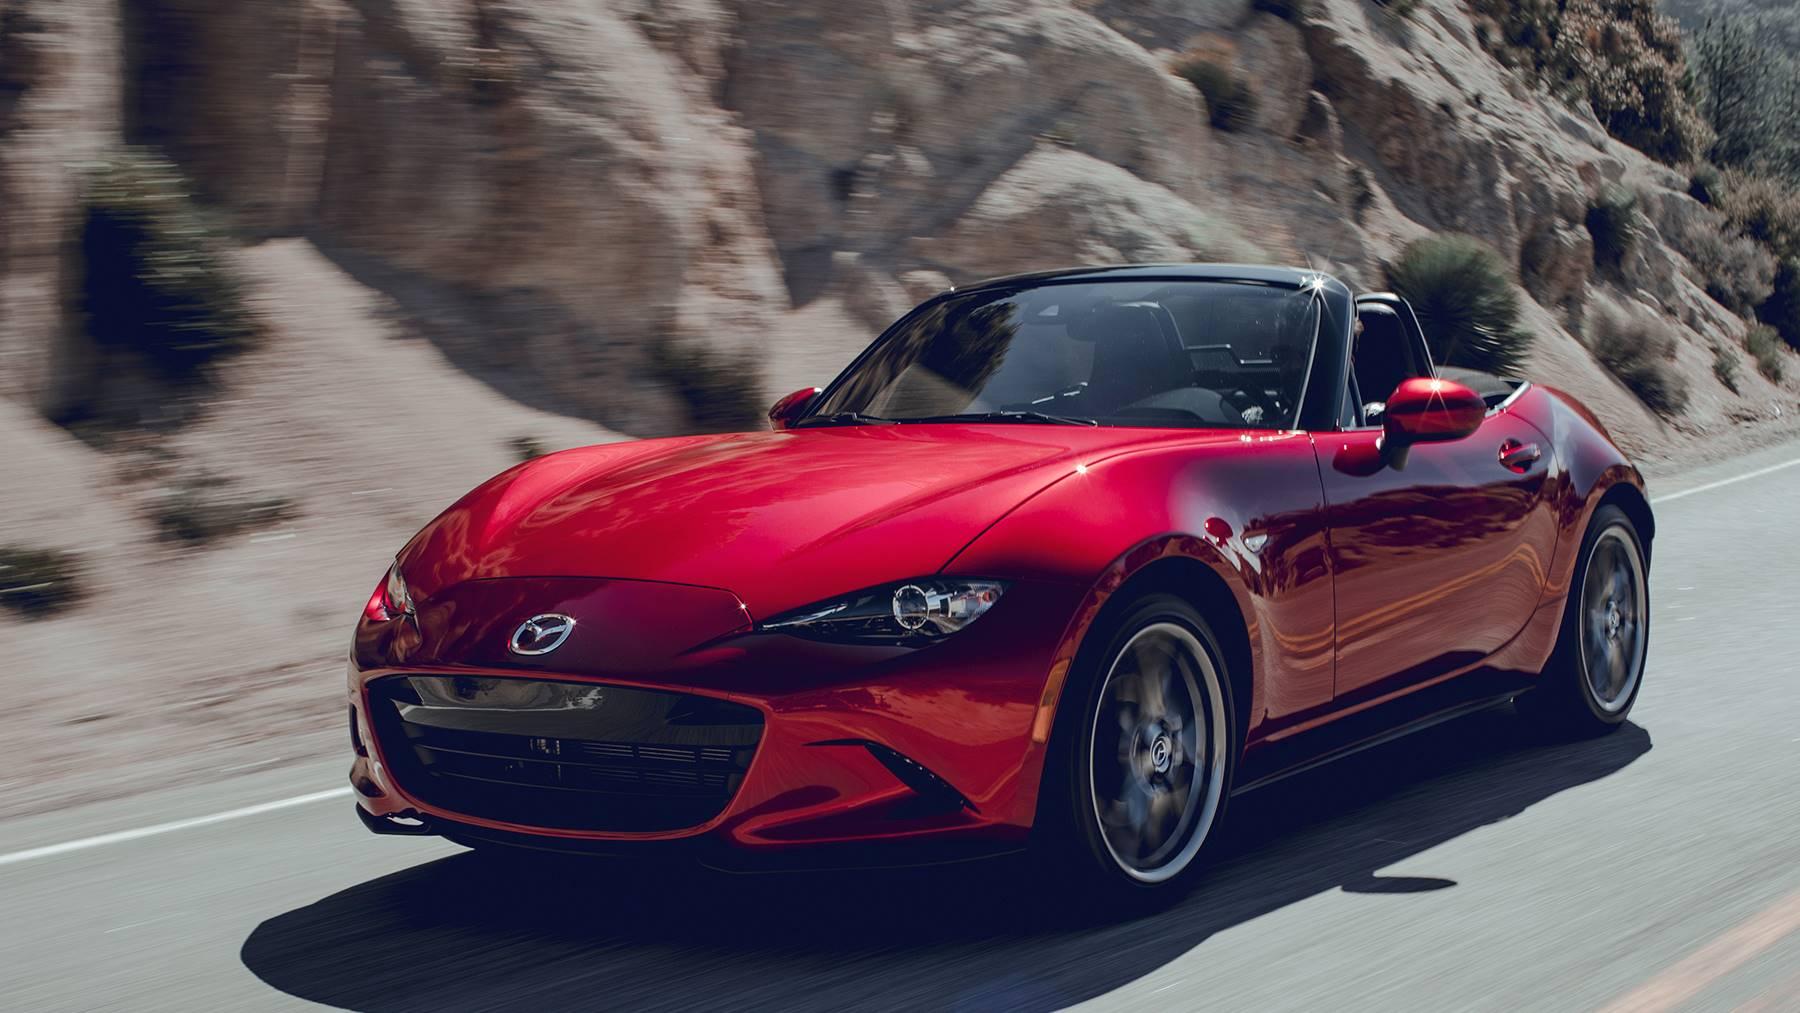 2019 Mazda Mx 5 Miata Convertible Sports Car